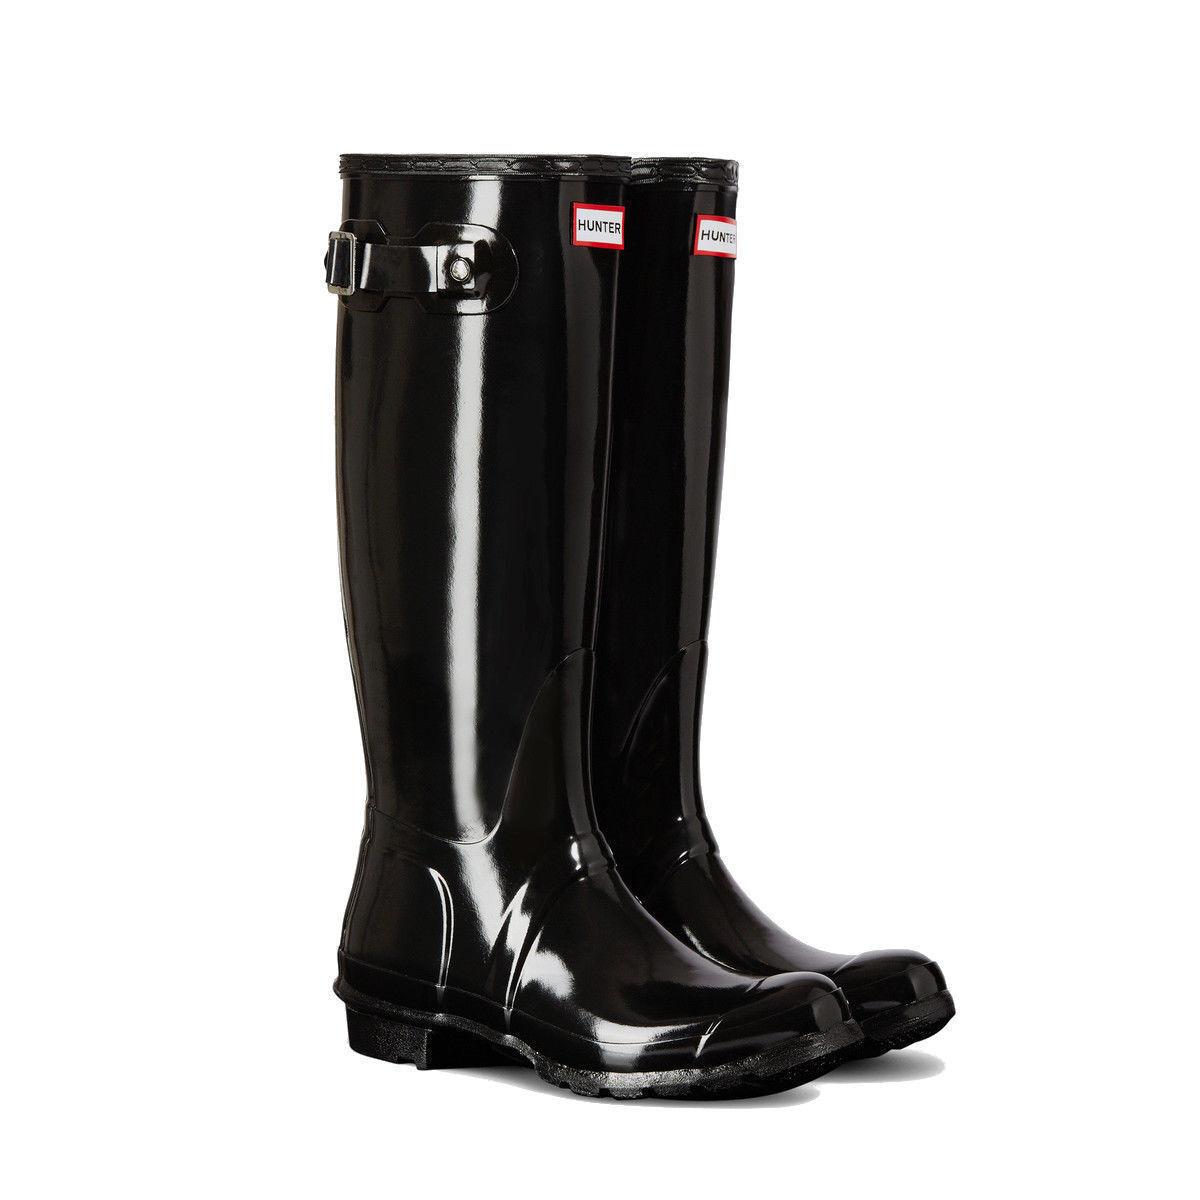 perfezionare Pre Hunter Ladies Original Tall Gloss Rain stivali stivali stivali nero  Miglior prezzo